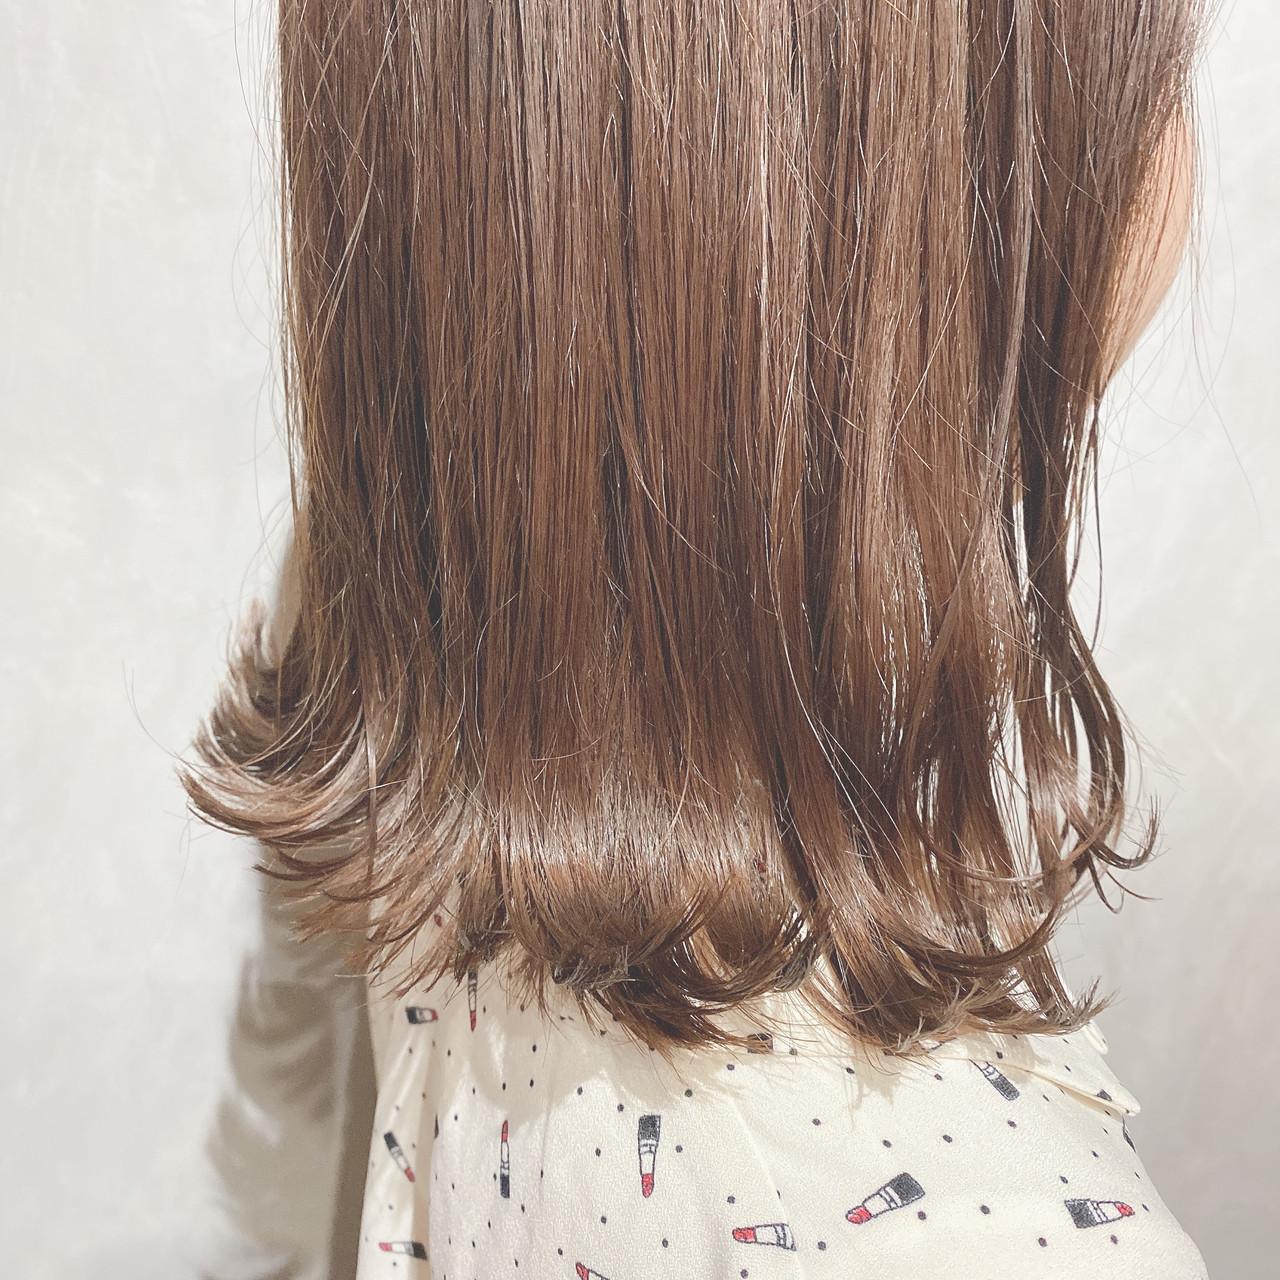 ナチュラル ミニボブ セミロング 韓国ヘア ヘアスタイルや髪型の写真・画像 | 犬島麻姫子 / オルチャンヘアスタイルおまかせください